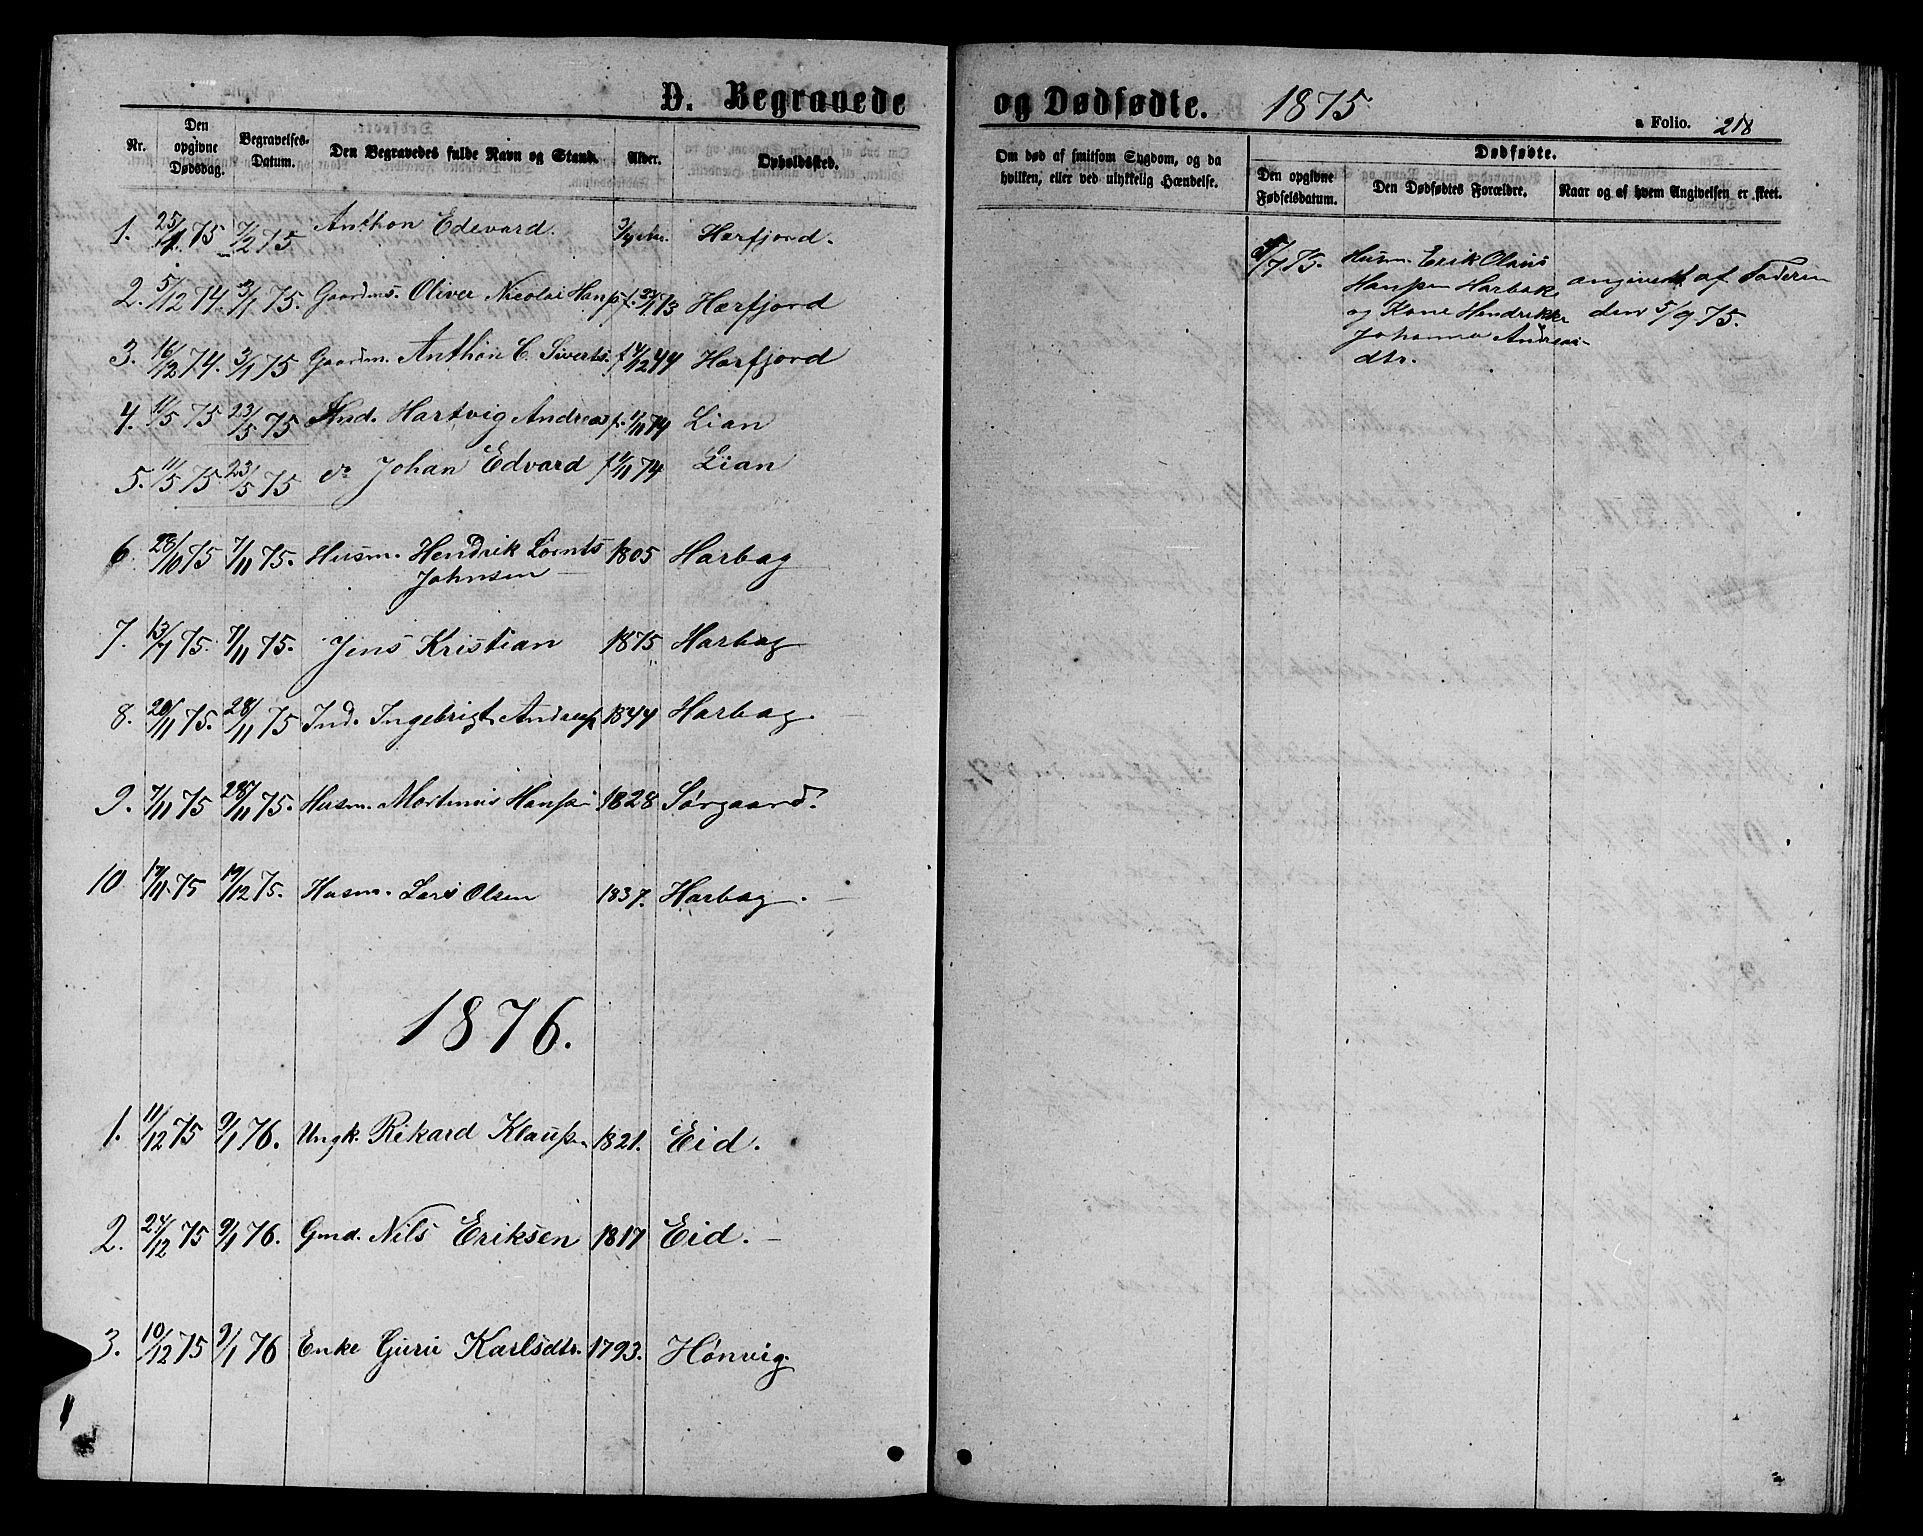 SAT, Ministerialprotokoller, klokkerbøker og fødselsregistre - Sør-Trøndelag, 656/L0695: Klokkerbok nr. 656C01, 1867-1889, s. 218